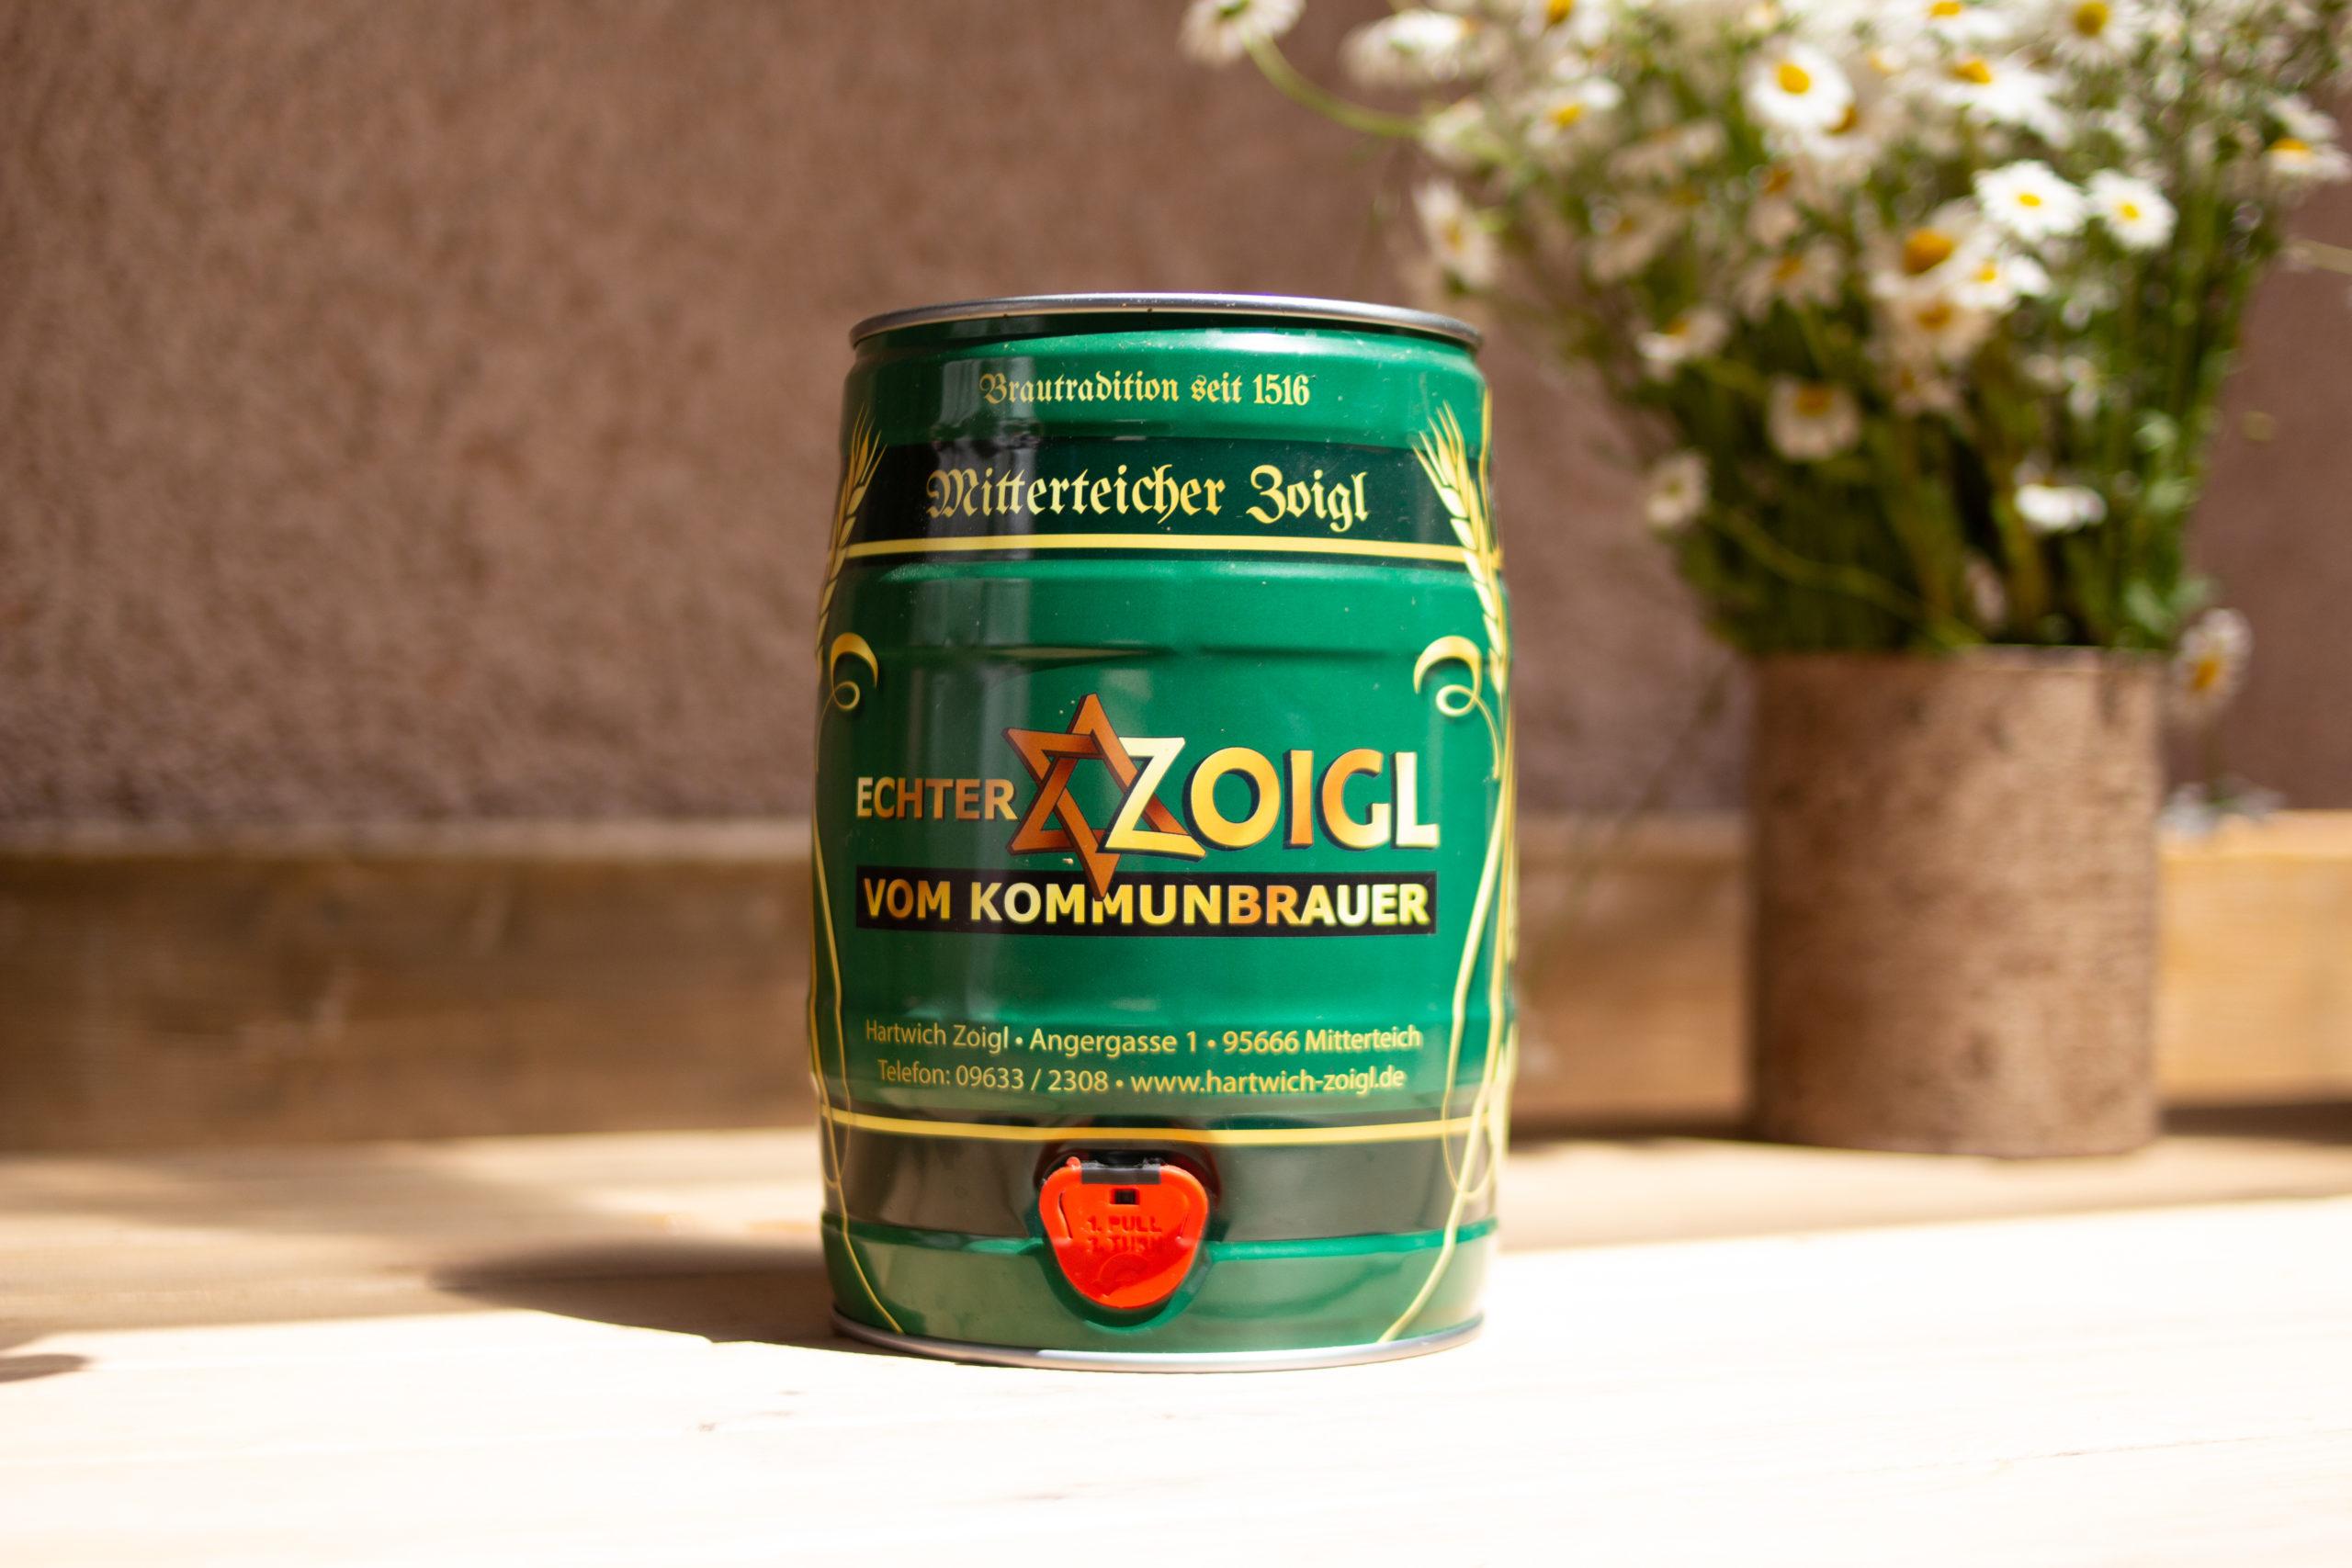 Zoiglfass Partyfass 5 Liter Zoigl Hartwich Mitterteich